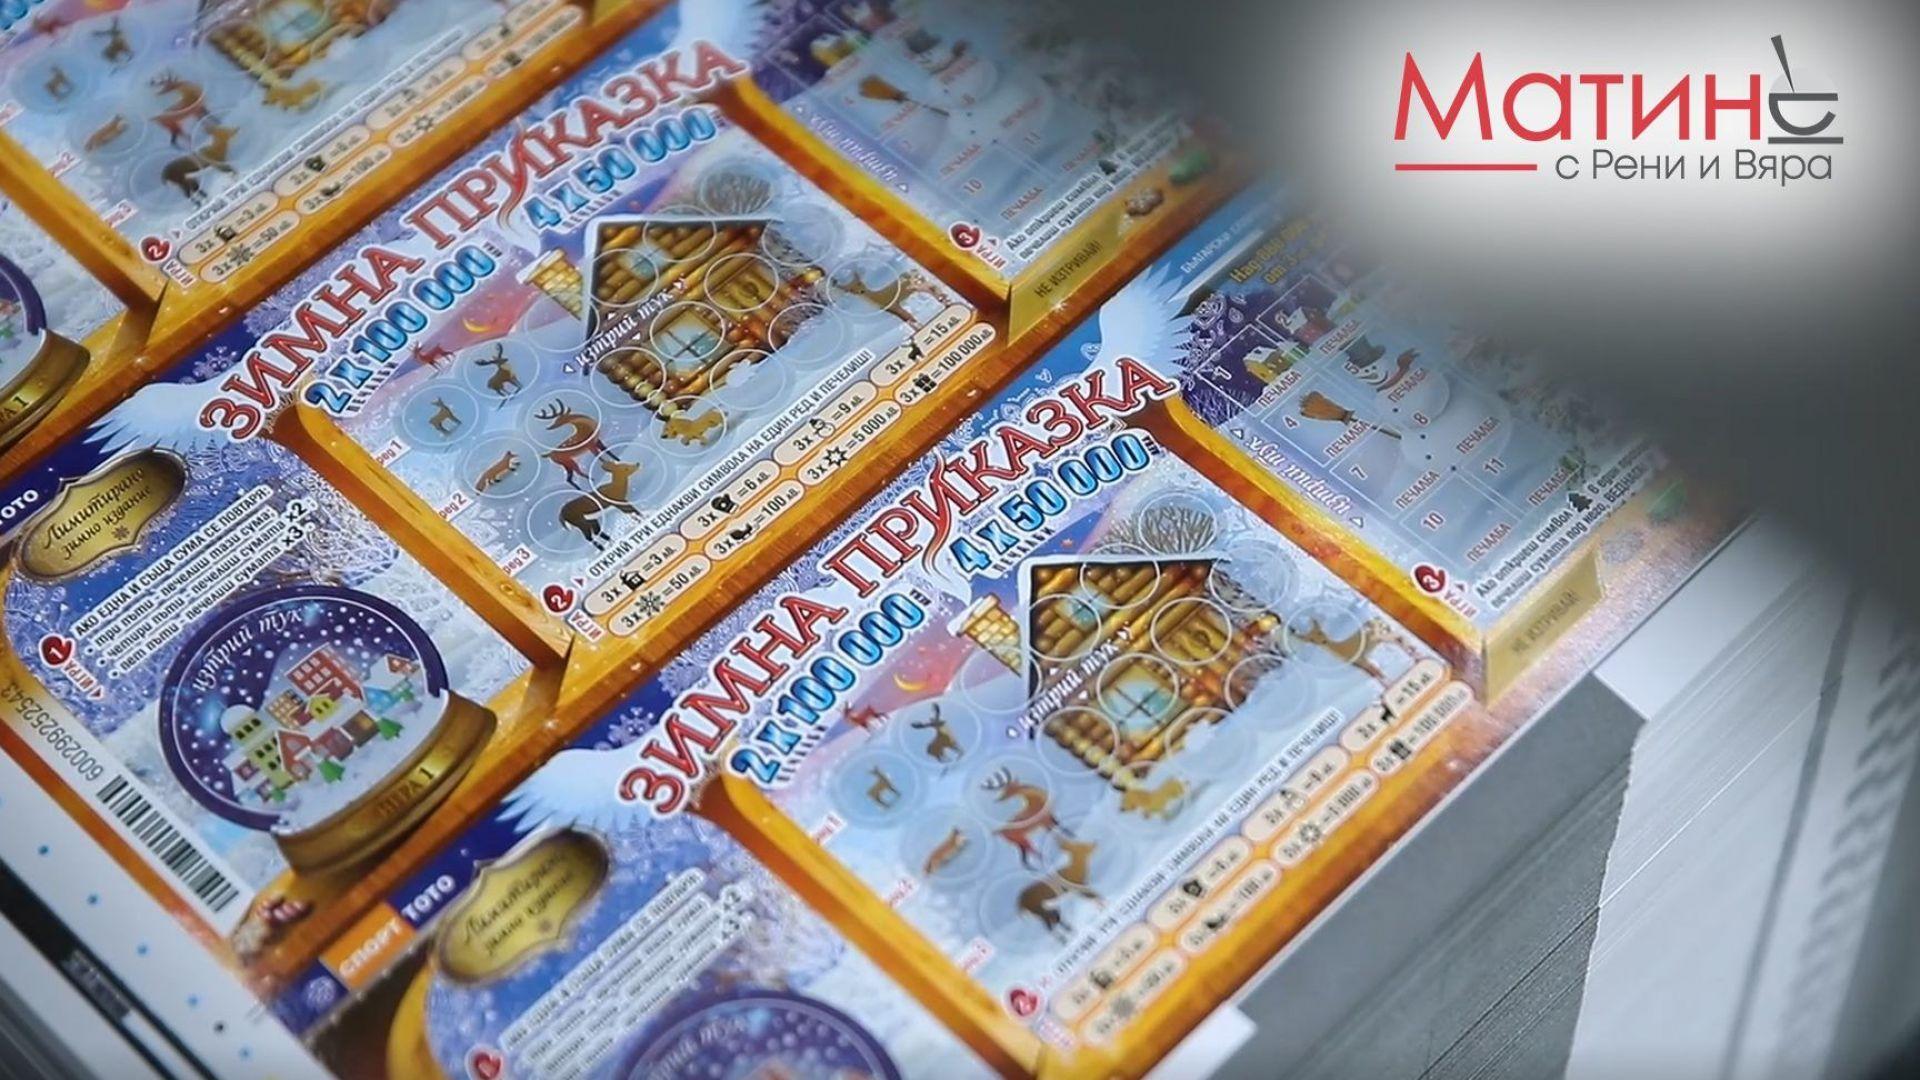 Печатница за сбъднати мечти: Какъв е шансът да спечелите от лотарията по Коледа?